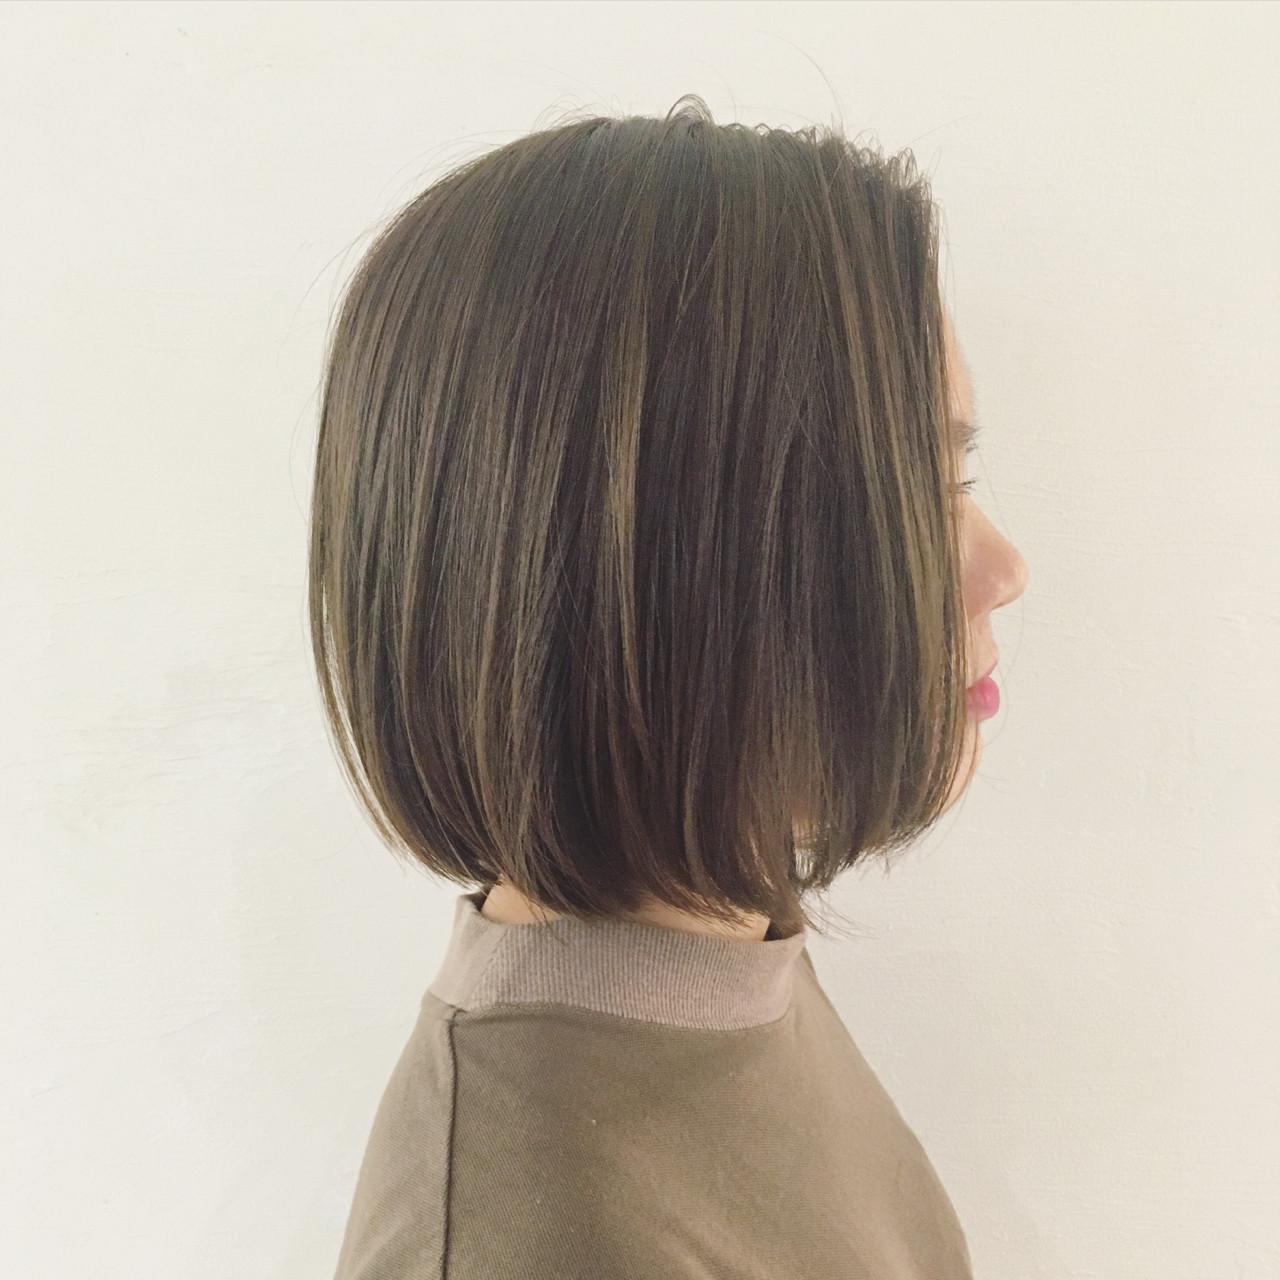 外国人風 透明感 イルミナカラー ブラントカットヘアスタイルや髪型の写真・画像